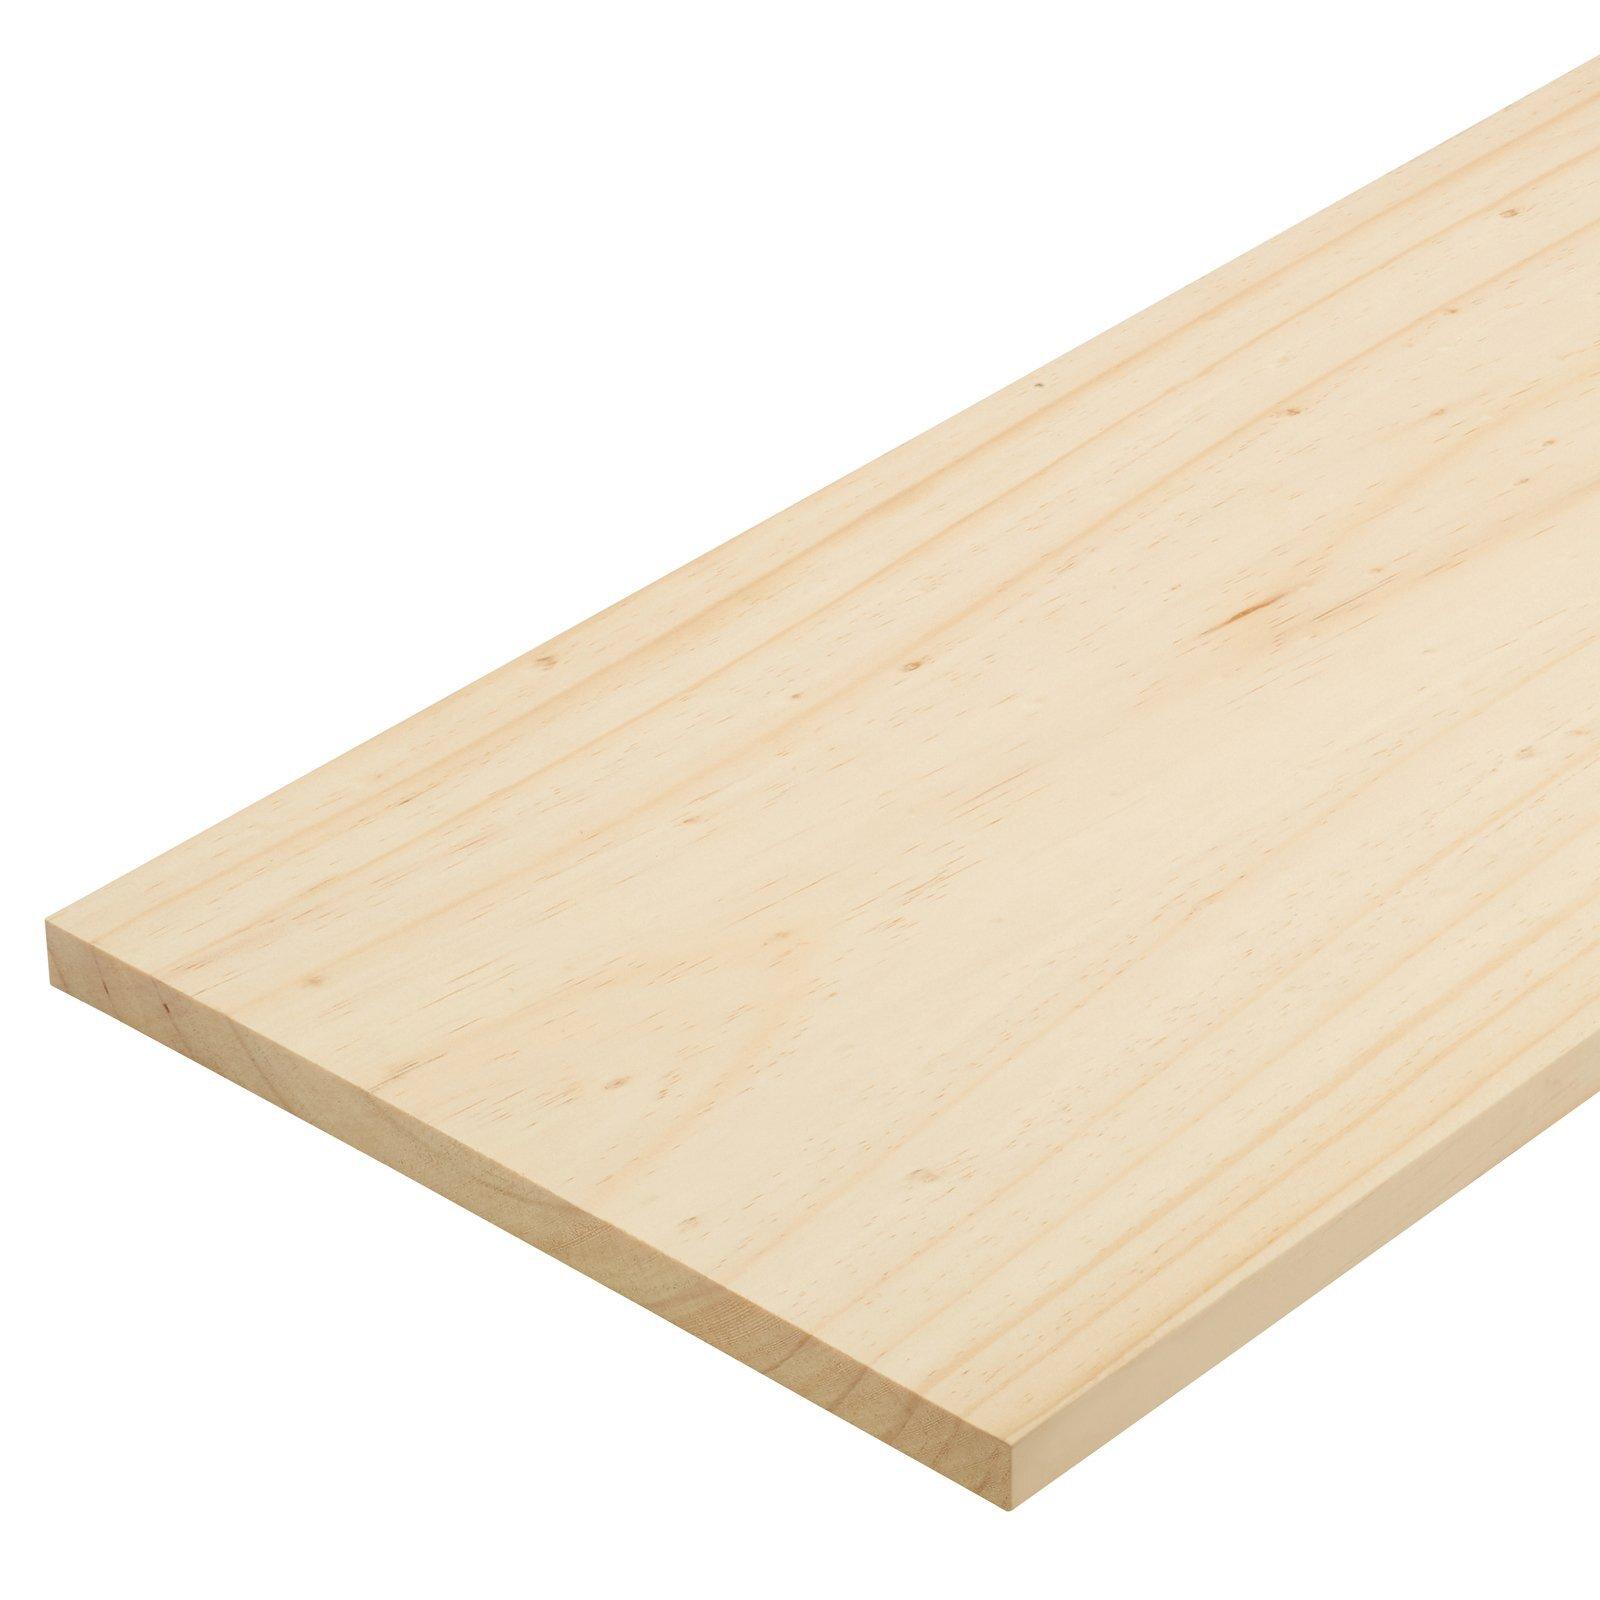 280 x 18mm 2.4m D4S Premium Untreated Pine